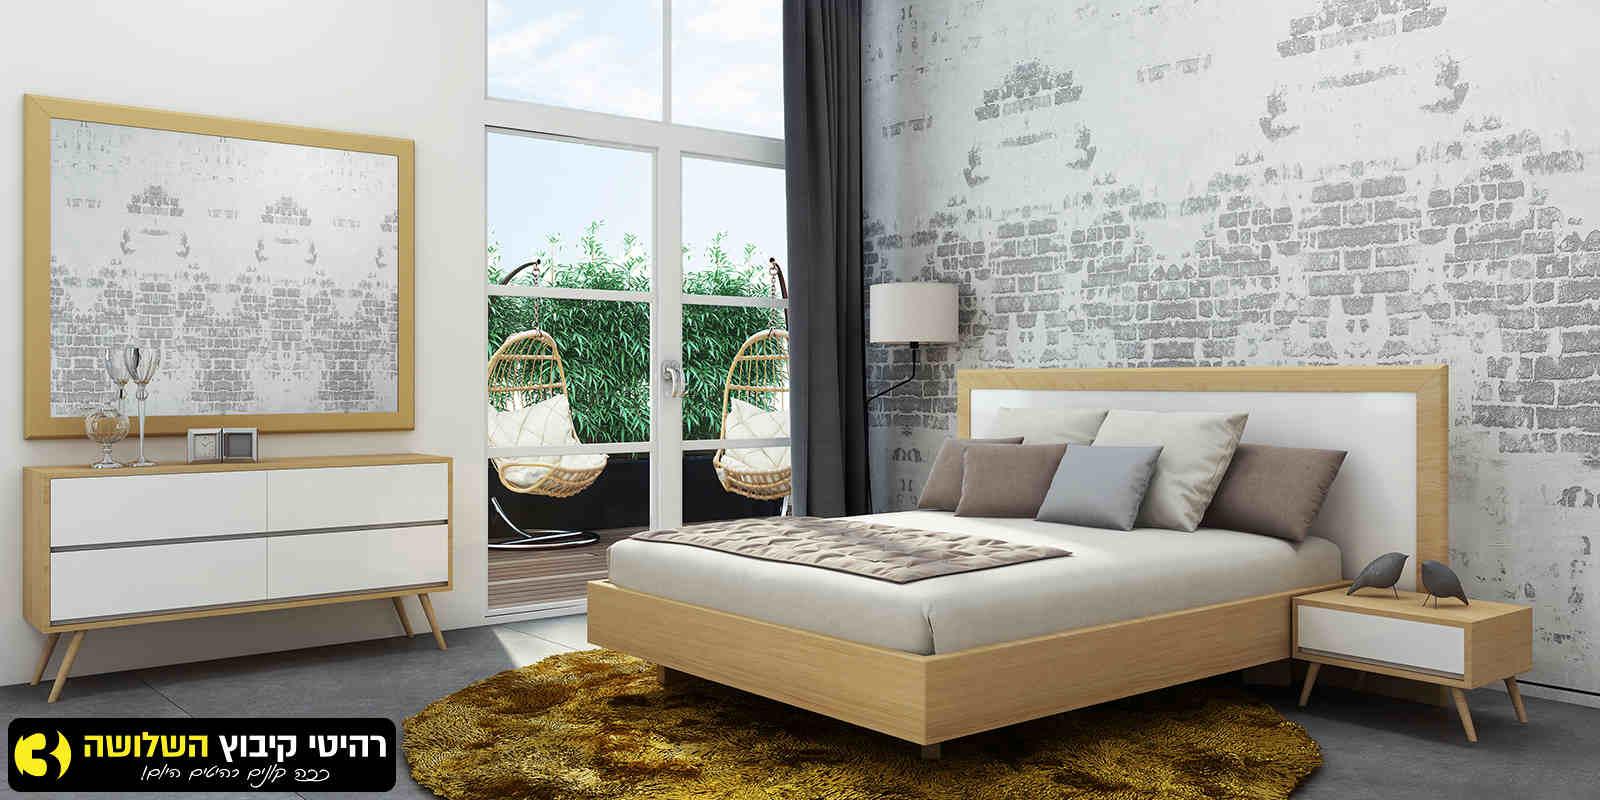 חדר שינה מעוצב אושרי